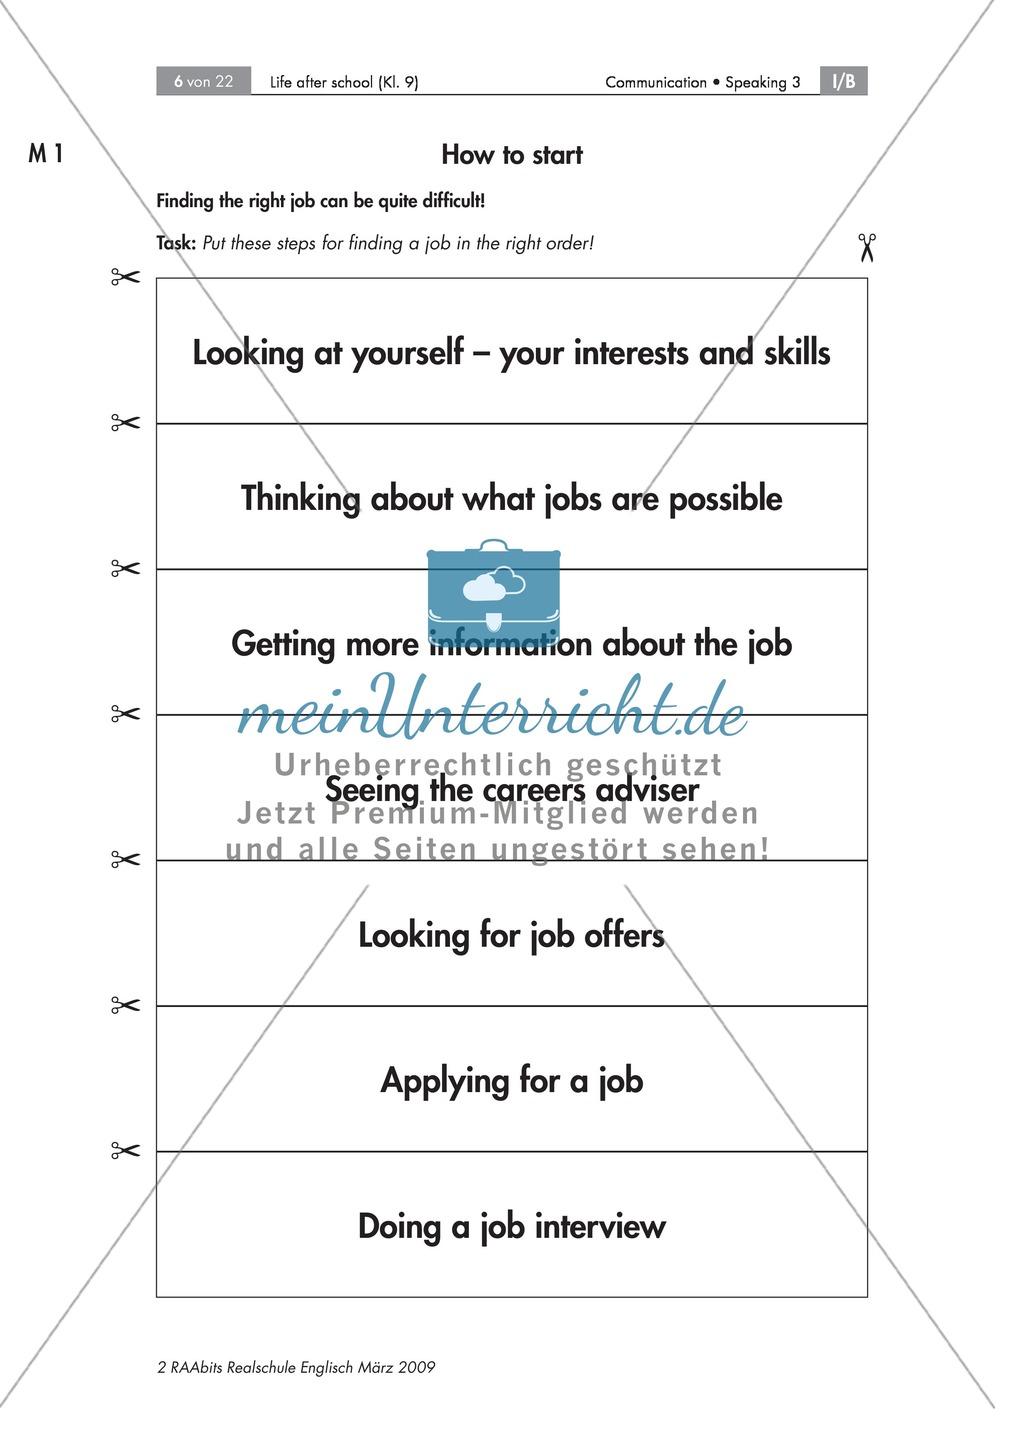 Strategien zur Berufswahl - Reflektieren von Interessen und Fähigkeiten und daraus resultierenden Berufswahlmöglichkeitenvon, Selbst- und Fremdwahrnehmung, mit Questionnaire und Partnerinterview Preview 0